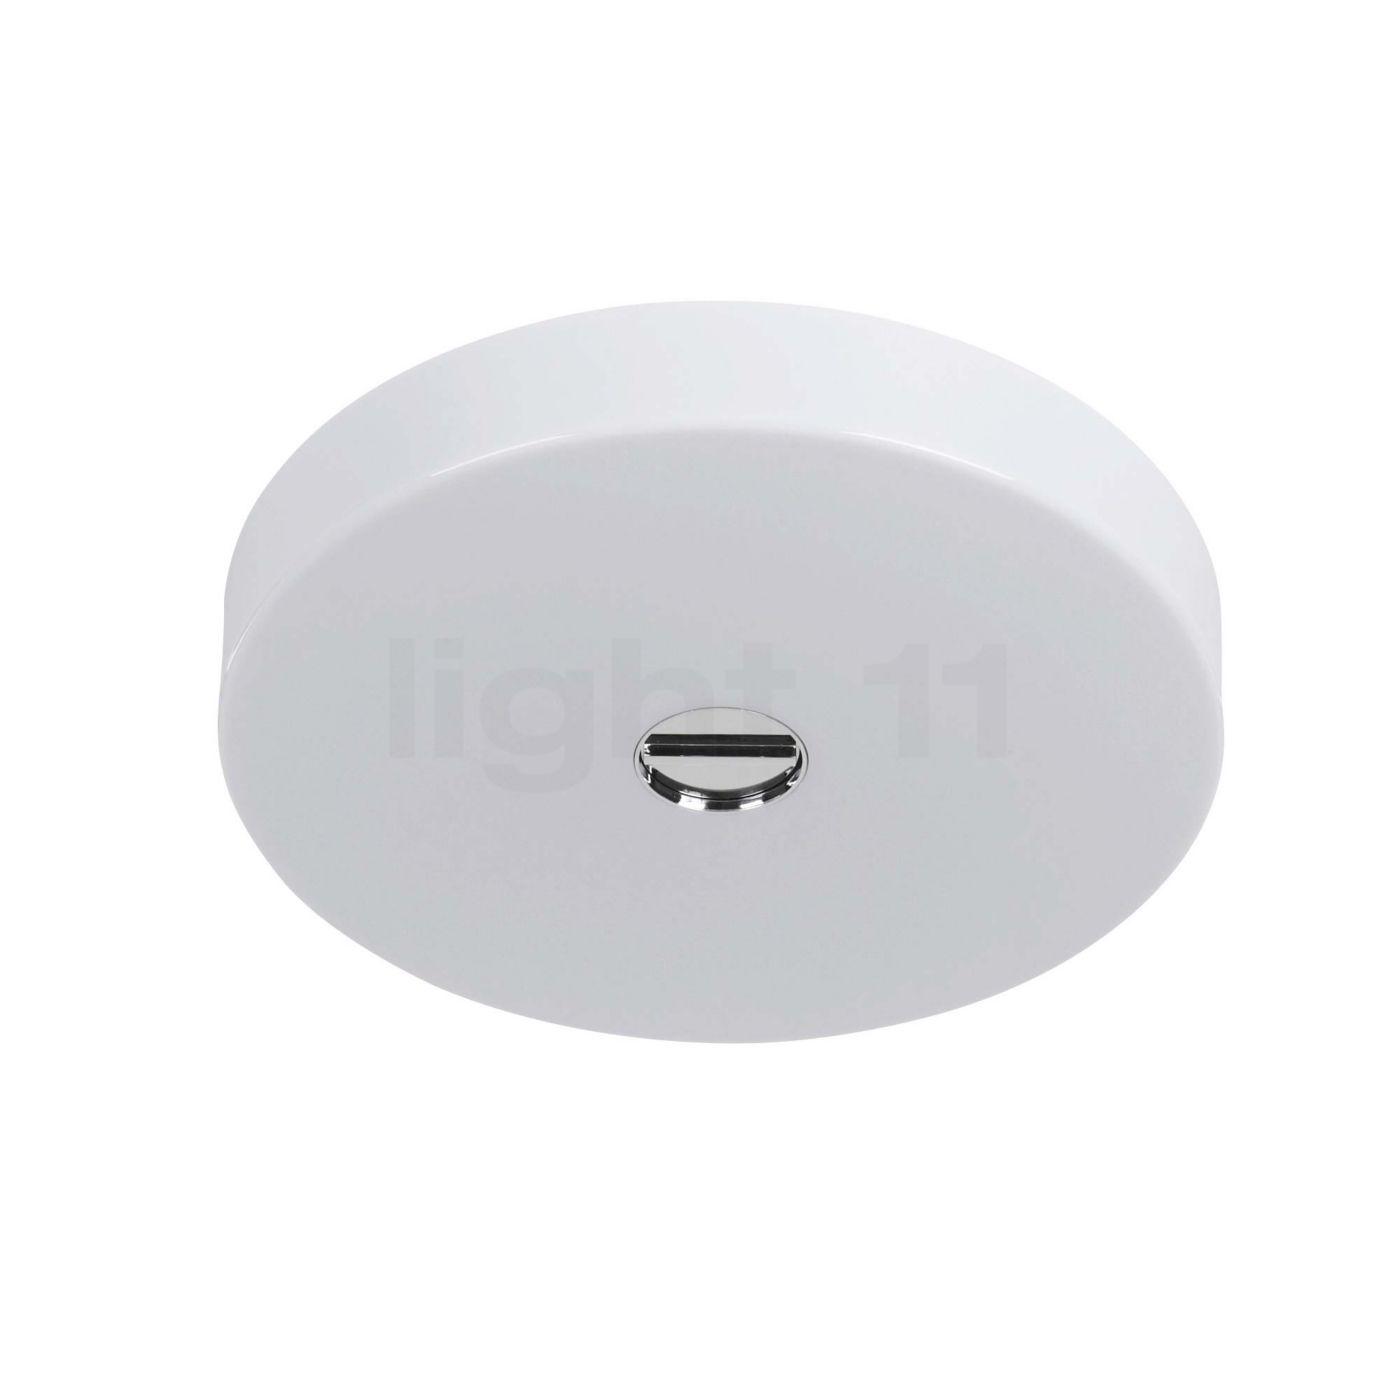 Flos Mini Button, polycarbonate, IP44